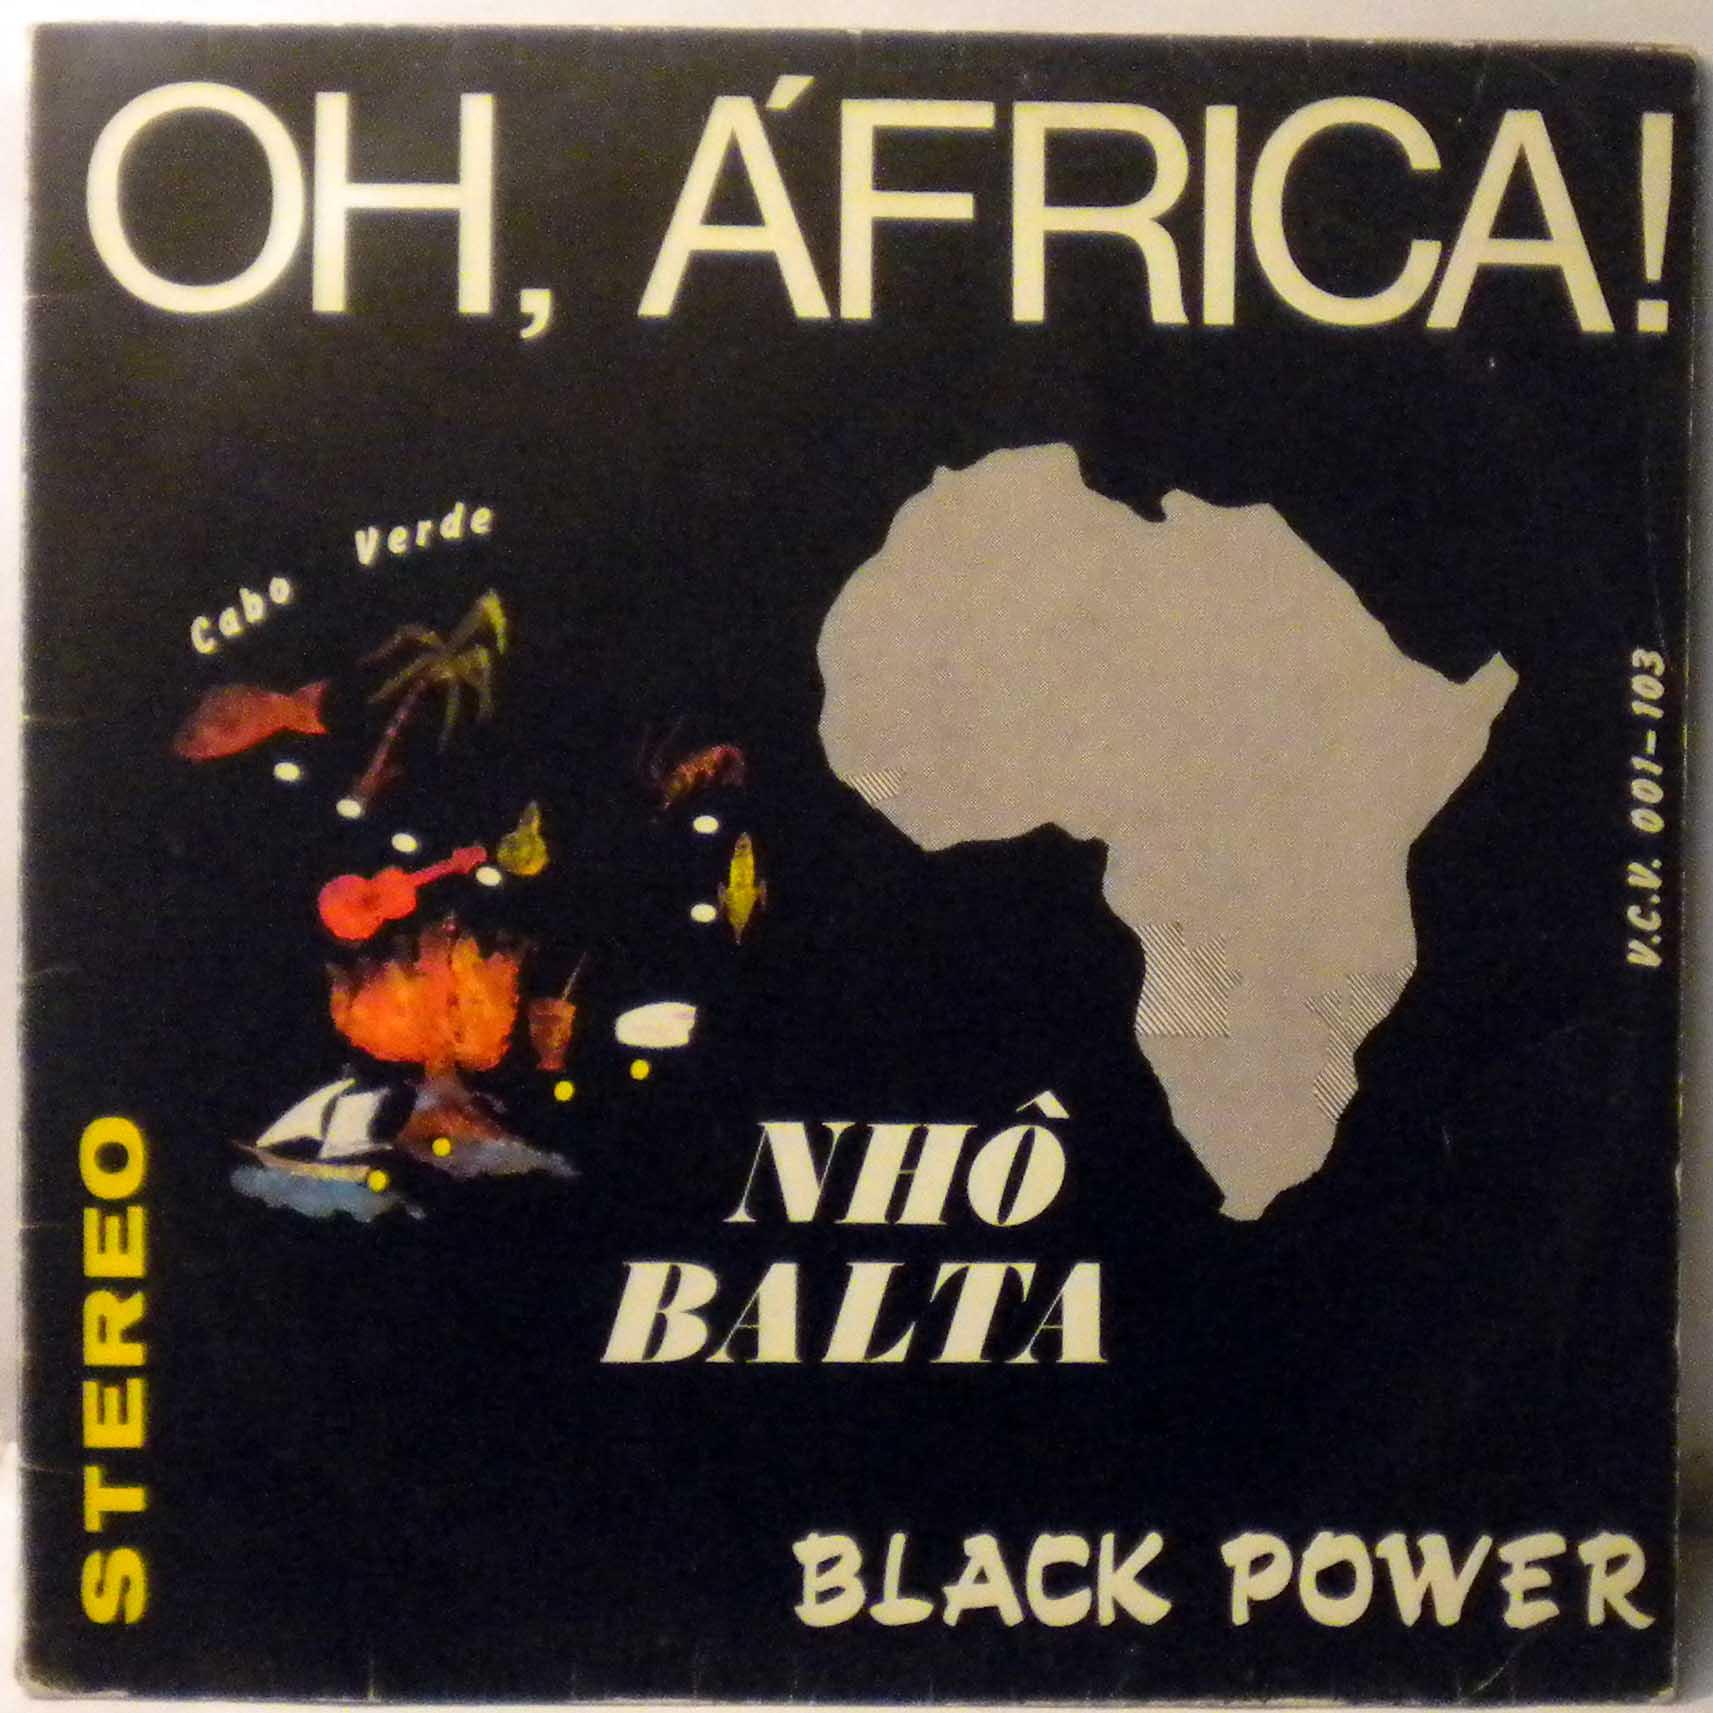 NHO BALTA - Oh, Africa - LP